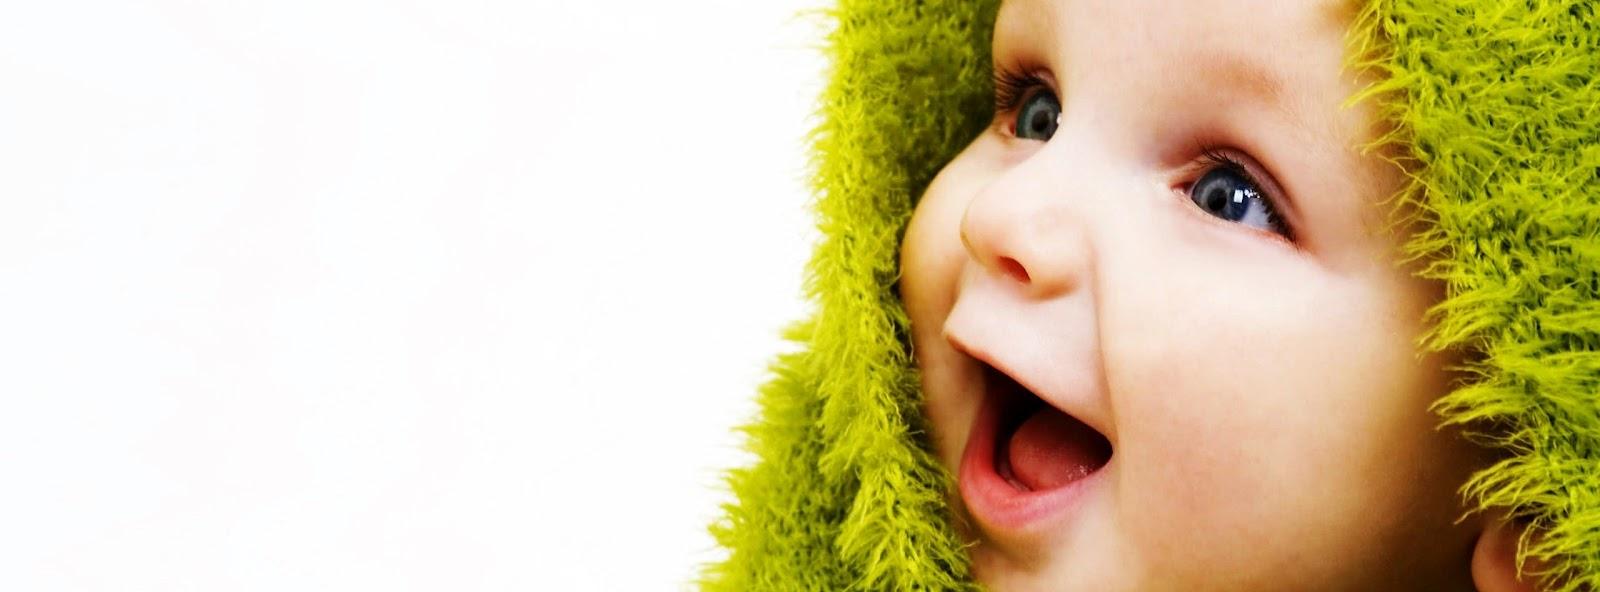 En tatlı bebek kapak fotoğrafları